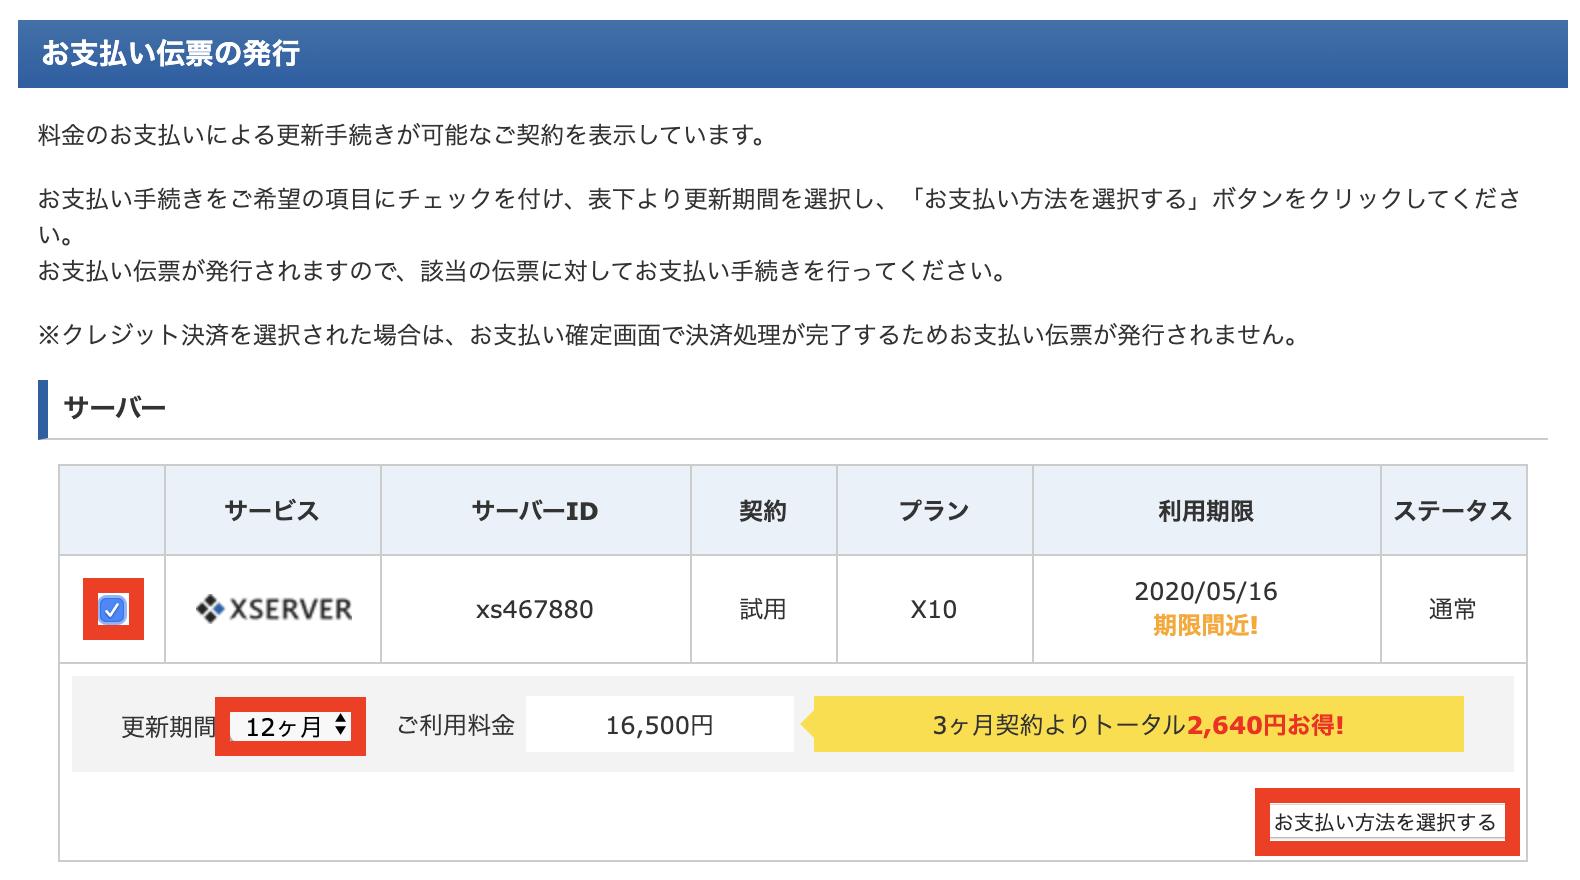 スクリーンショット 2020-05-06 12.23.55